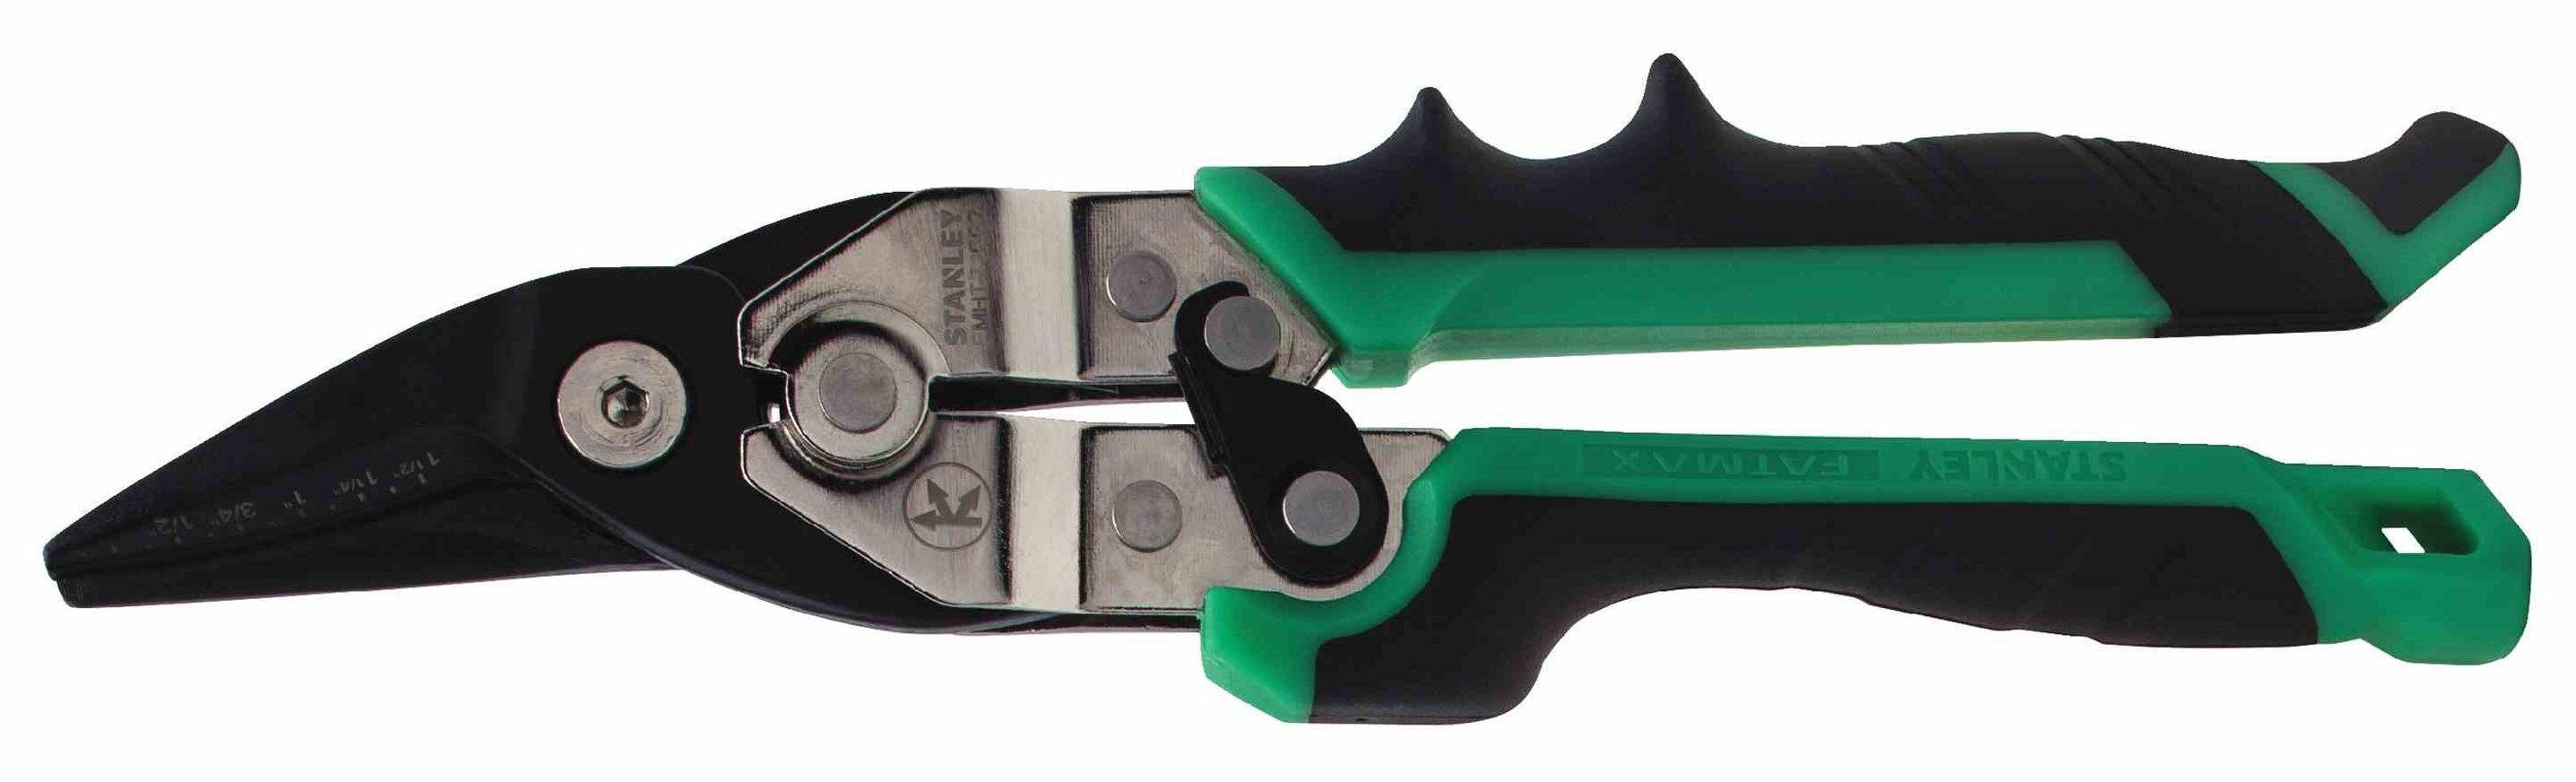 Ножницы по металлу Stanley Fatmax ergo fmht73557-0 правые ножницы по металлу stanley 2 14 564 правые